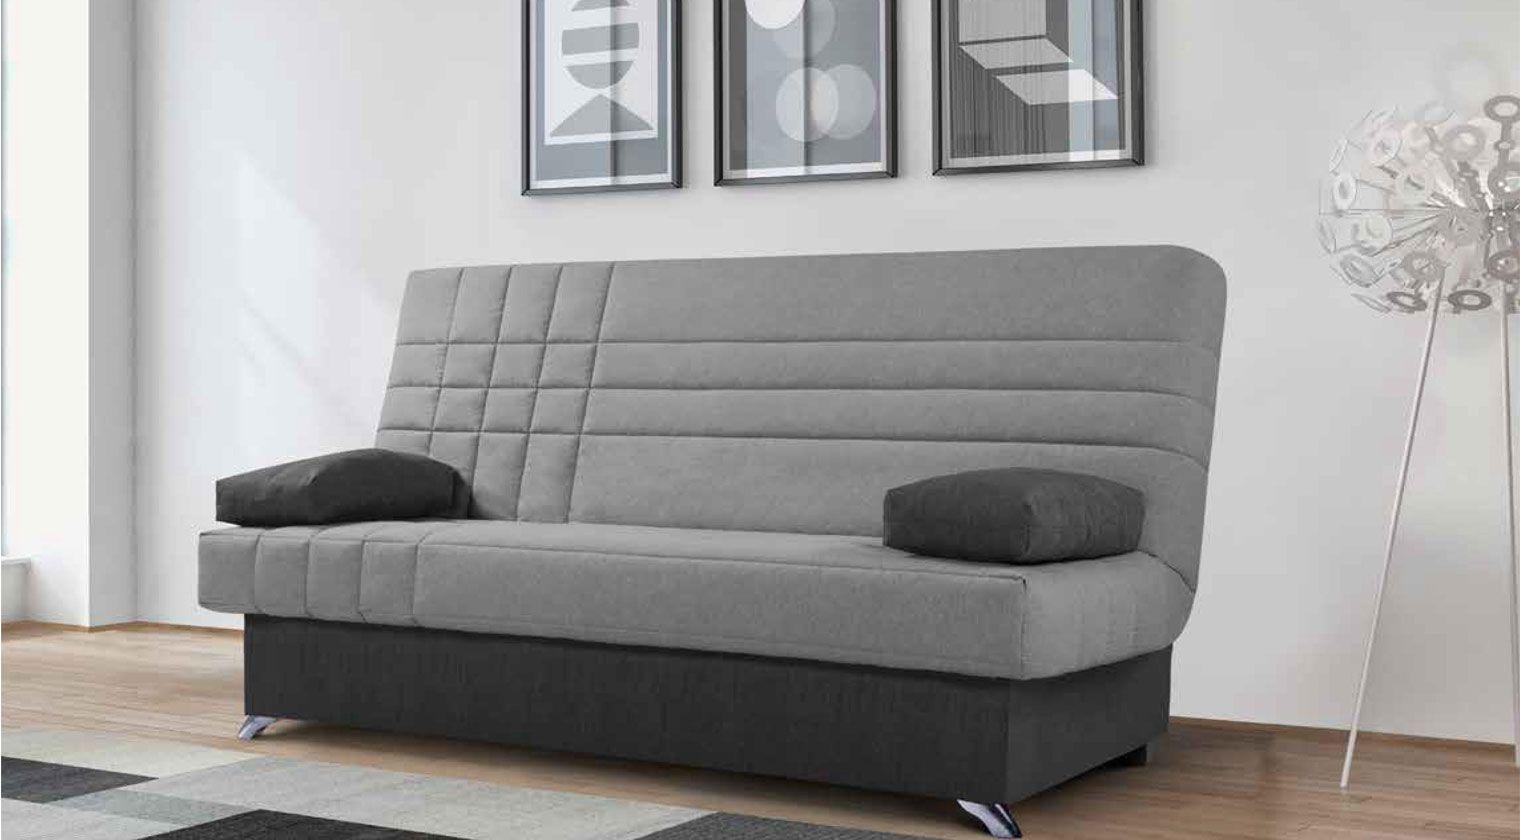 Sofas baratos en zaragoza interesting sof con mecanismos for Sofas baratos zaragoza